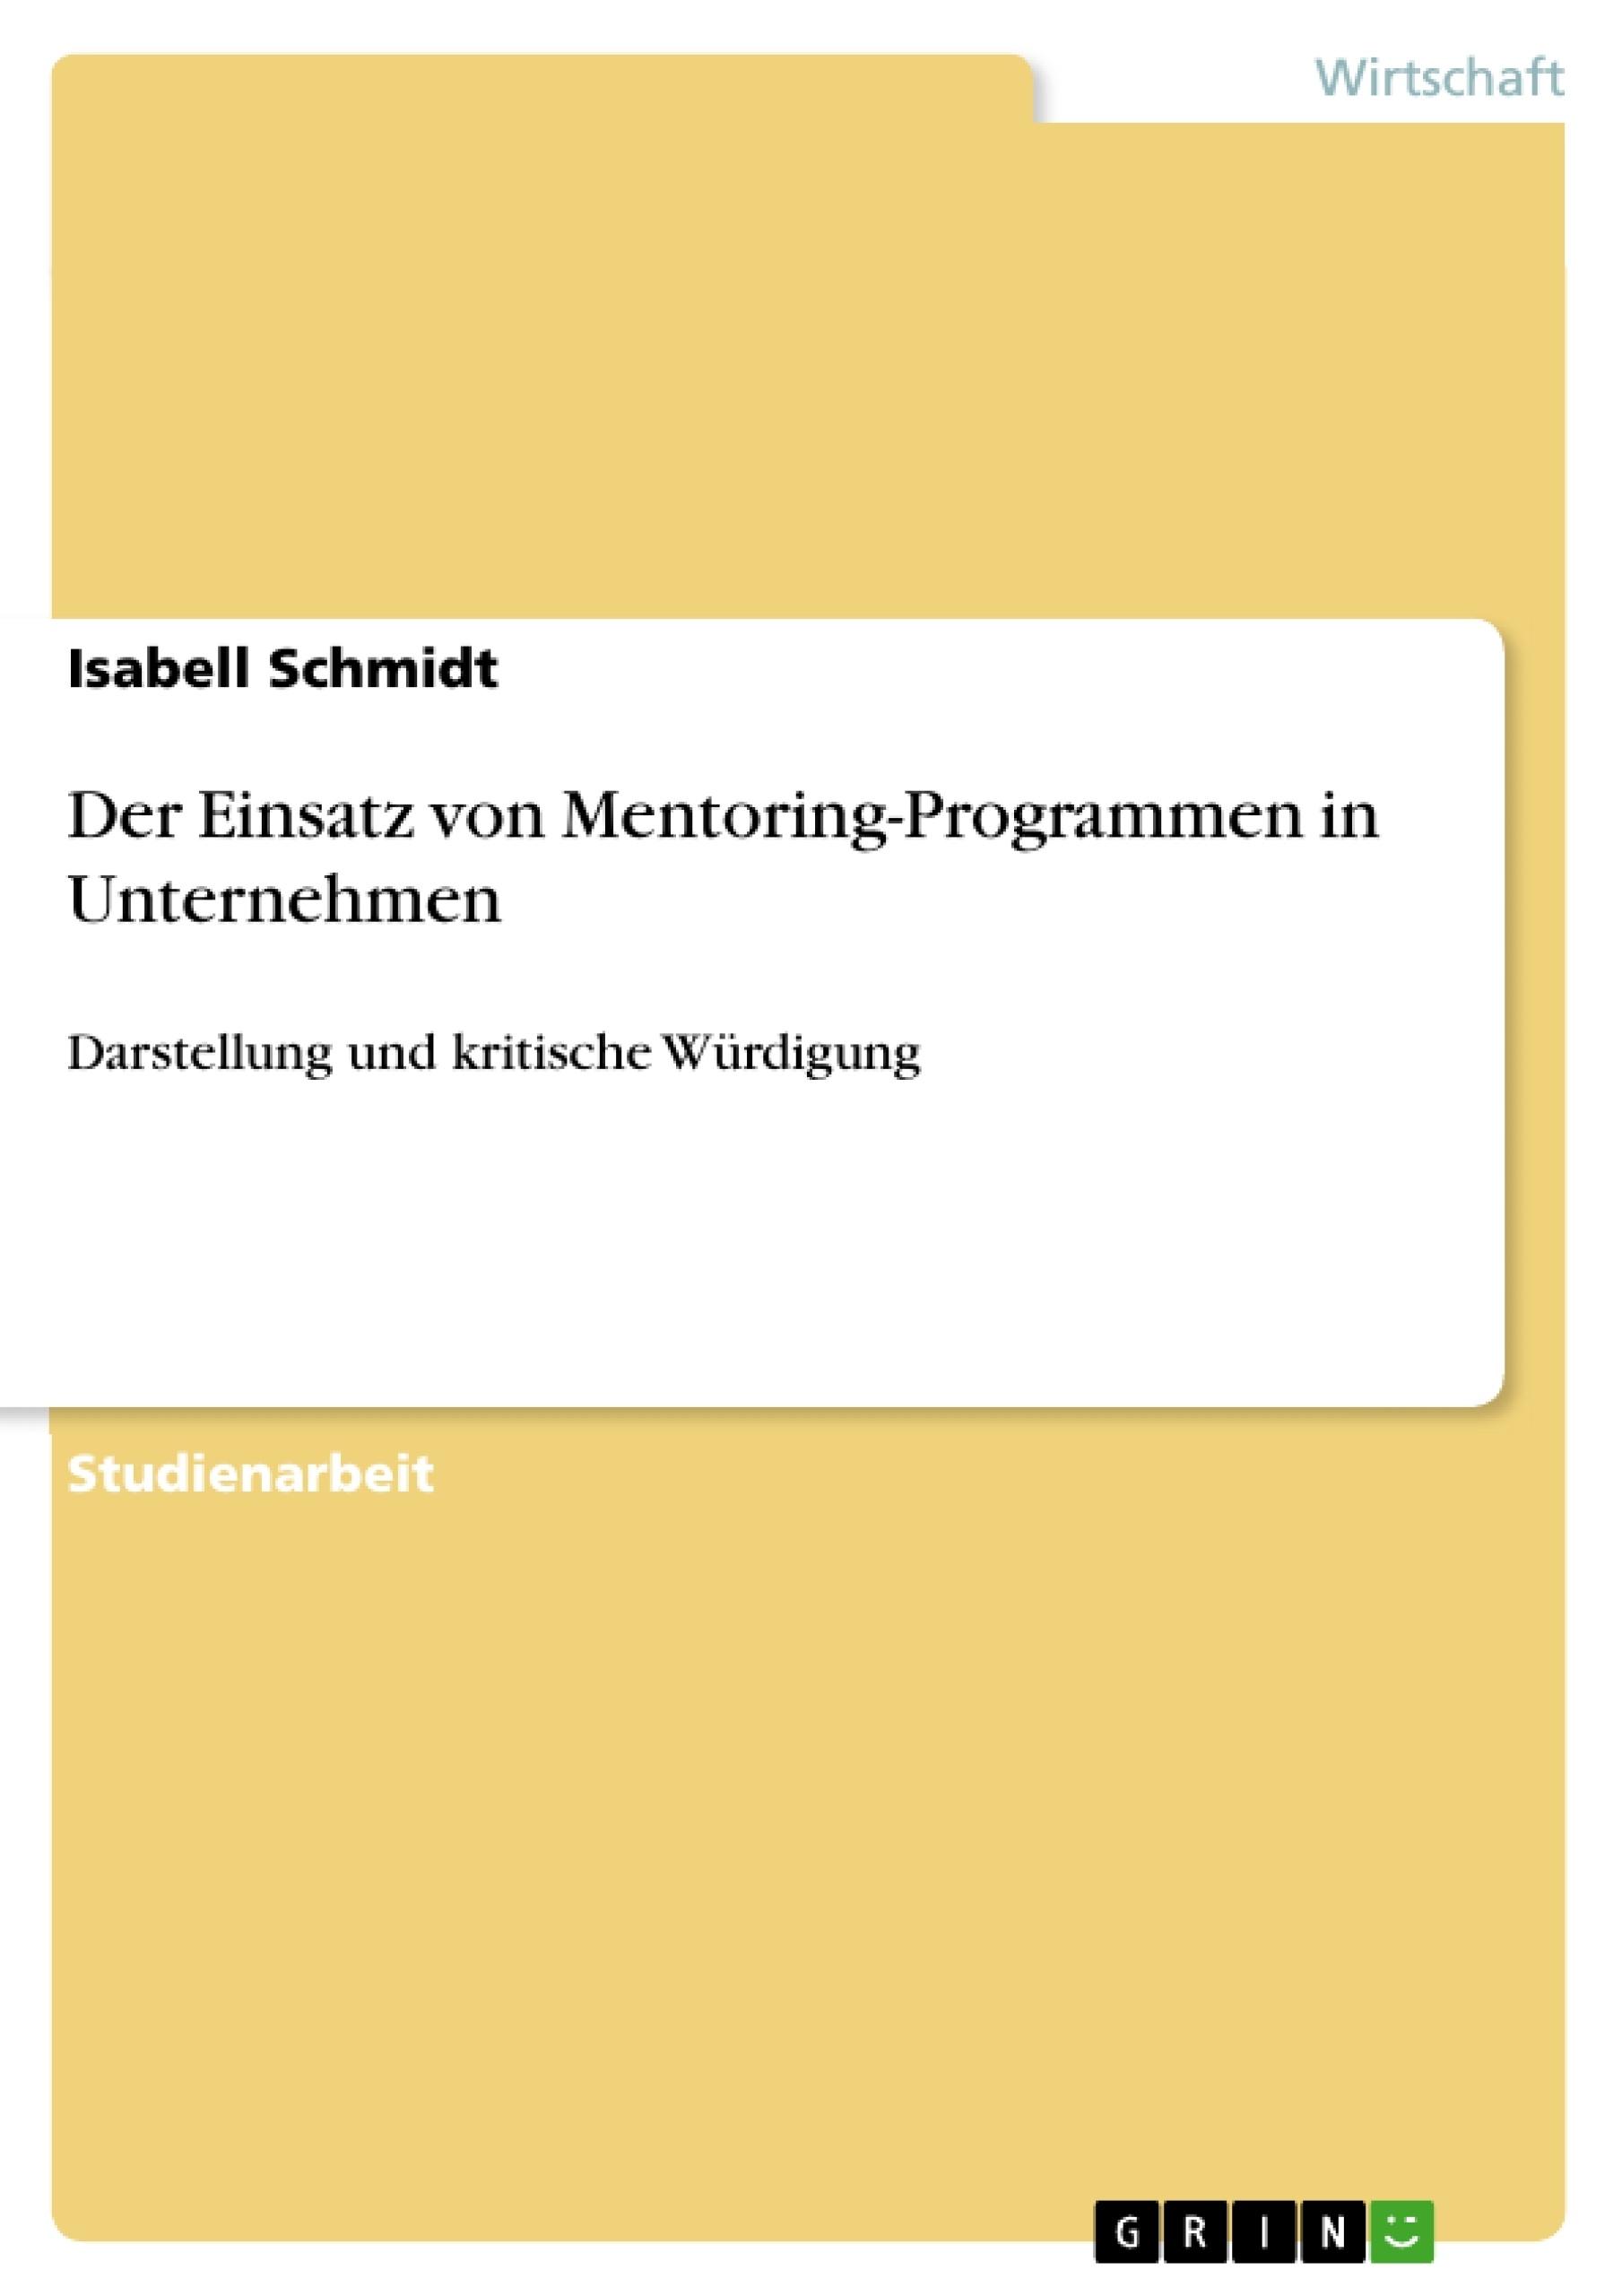 Titel: Der Einsatz von Mentoring-Programmen in Unternehmen